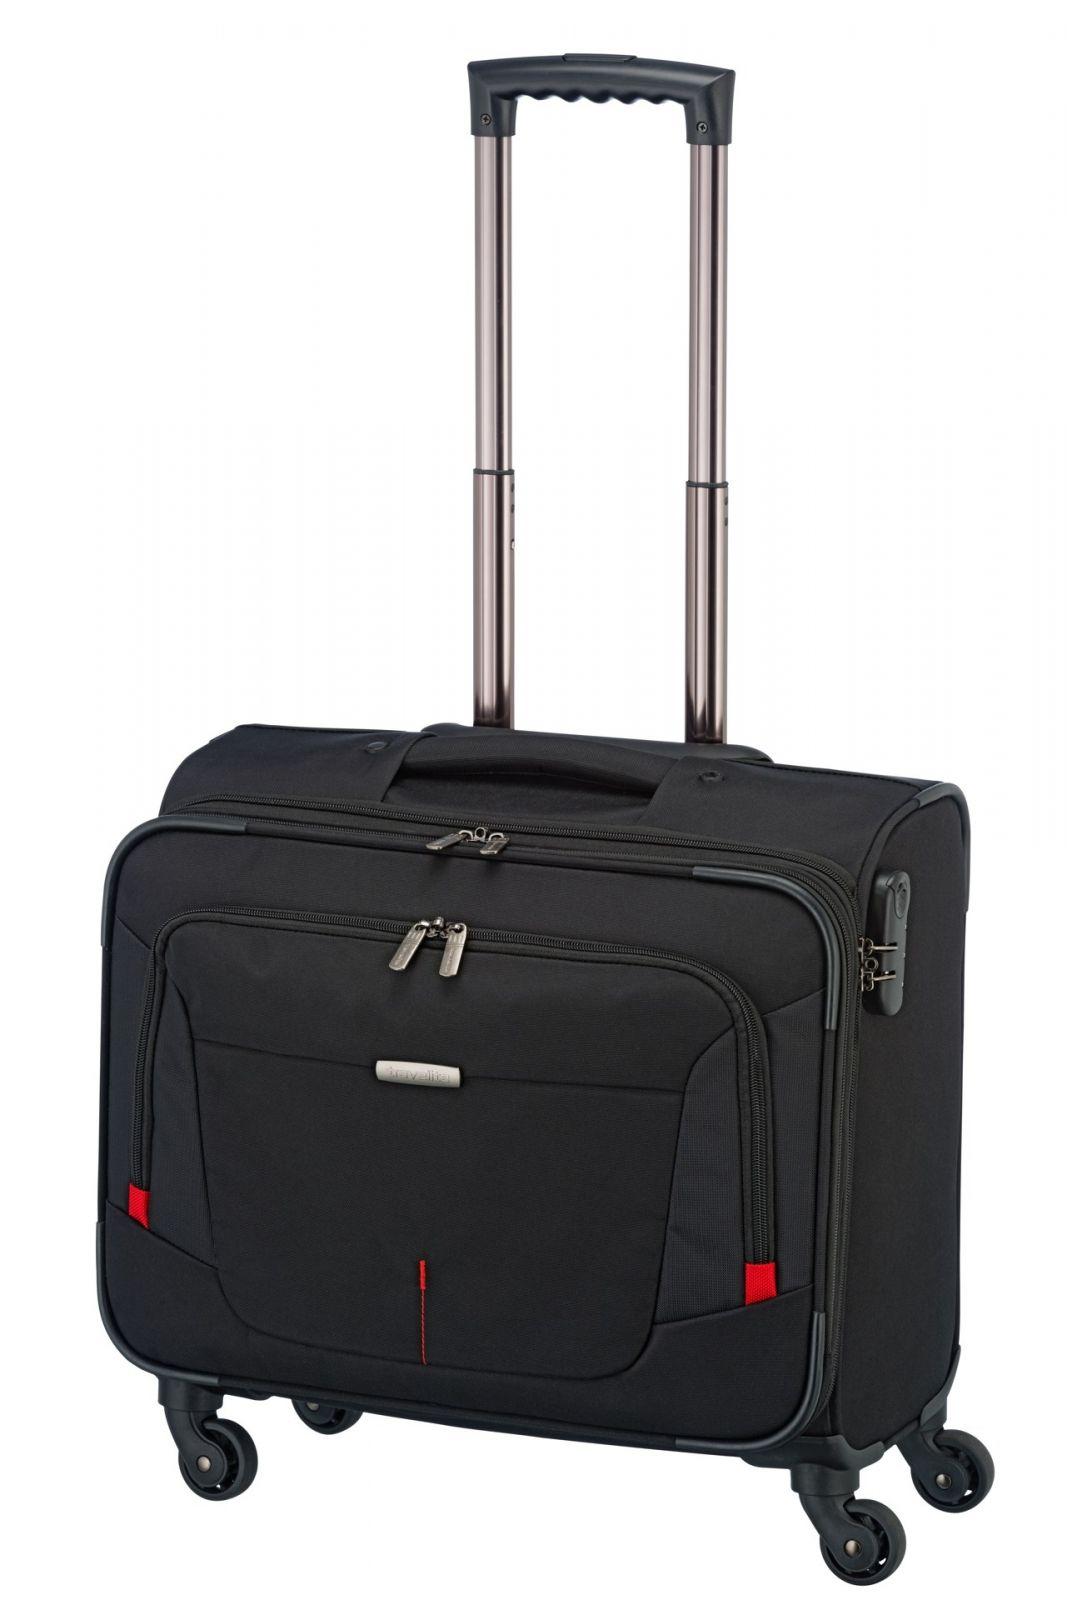 BB:TRAVELITE-1741-01   Travelite @Work 4w Businesswheeler Black